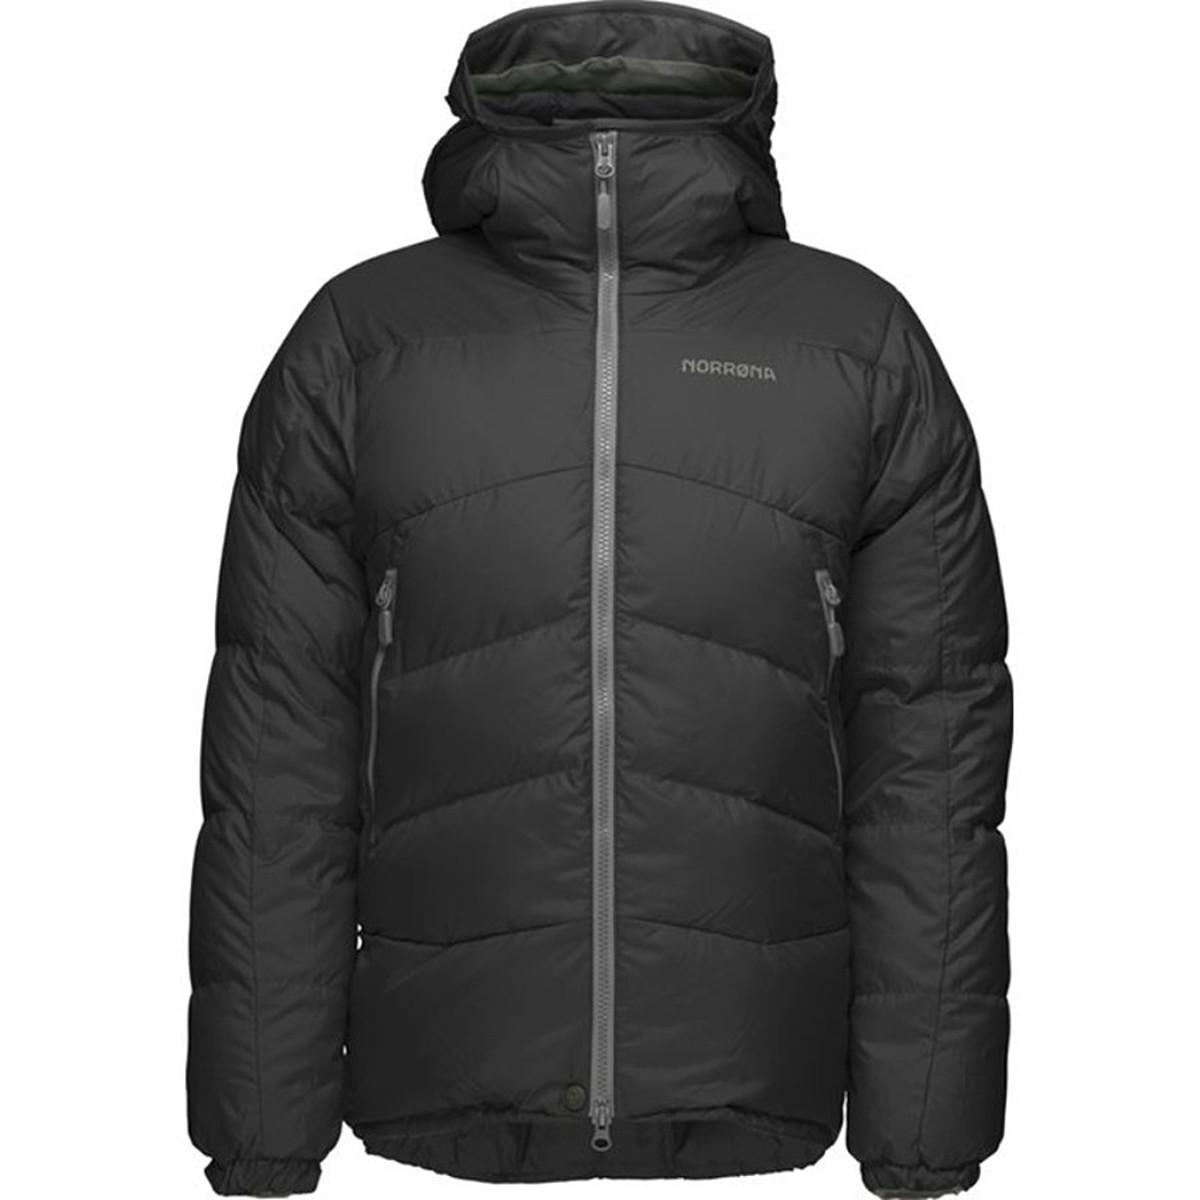 Norrona Trollveggen Down750 Jacket